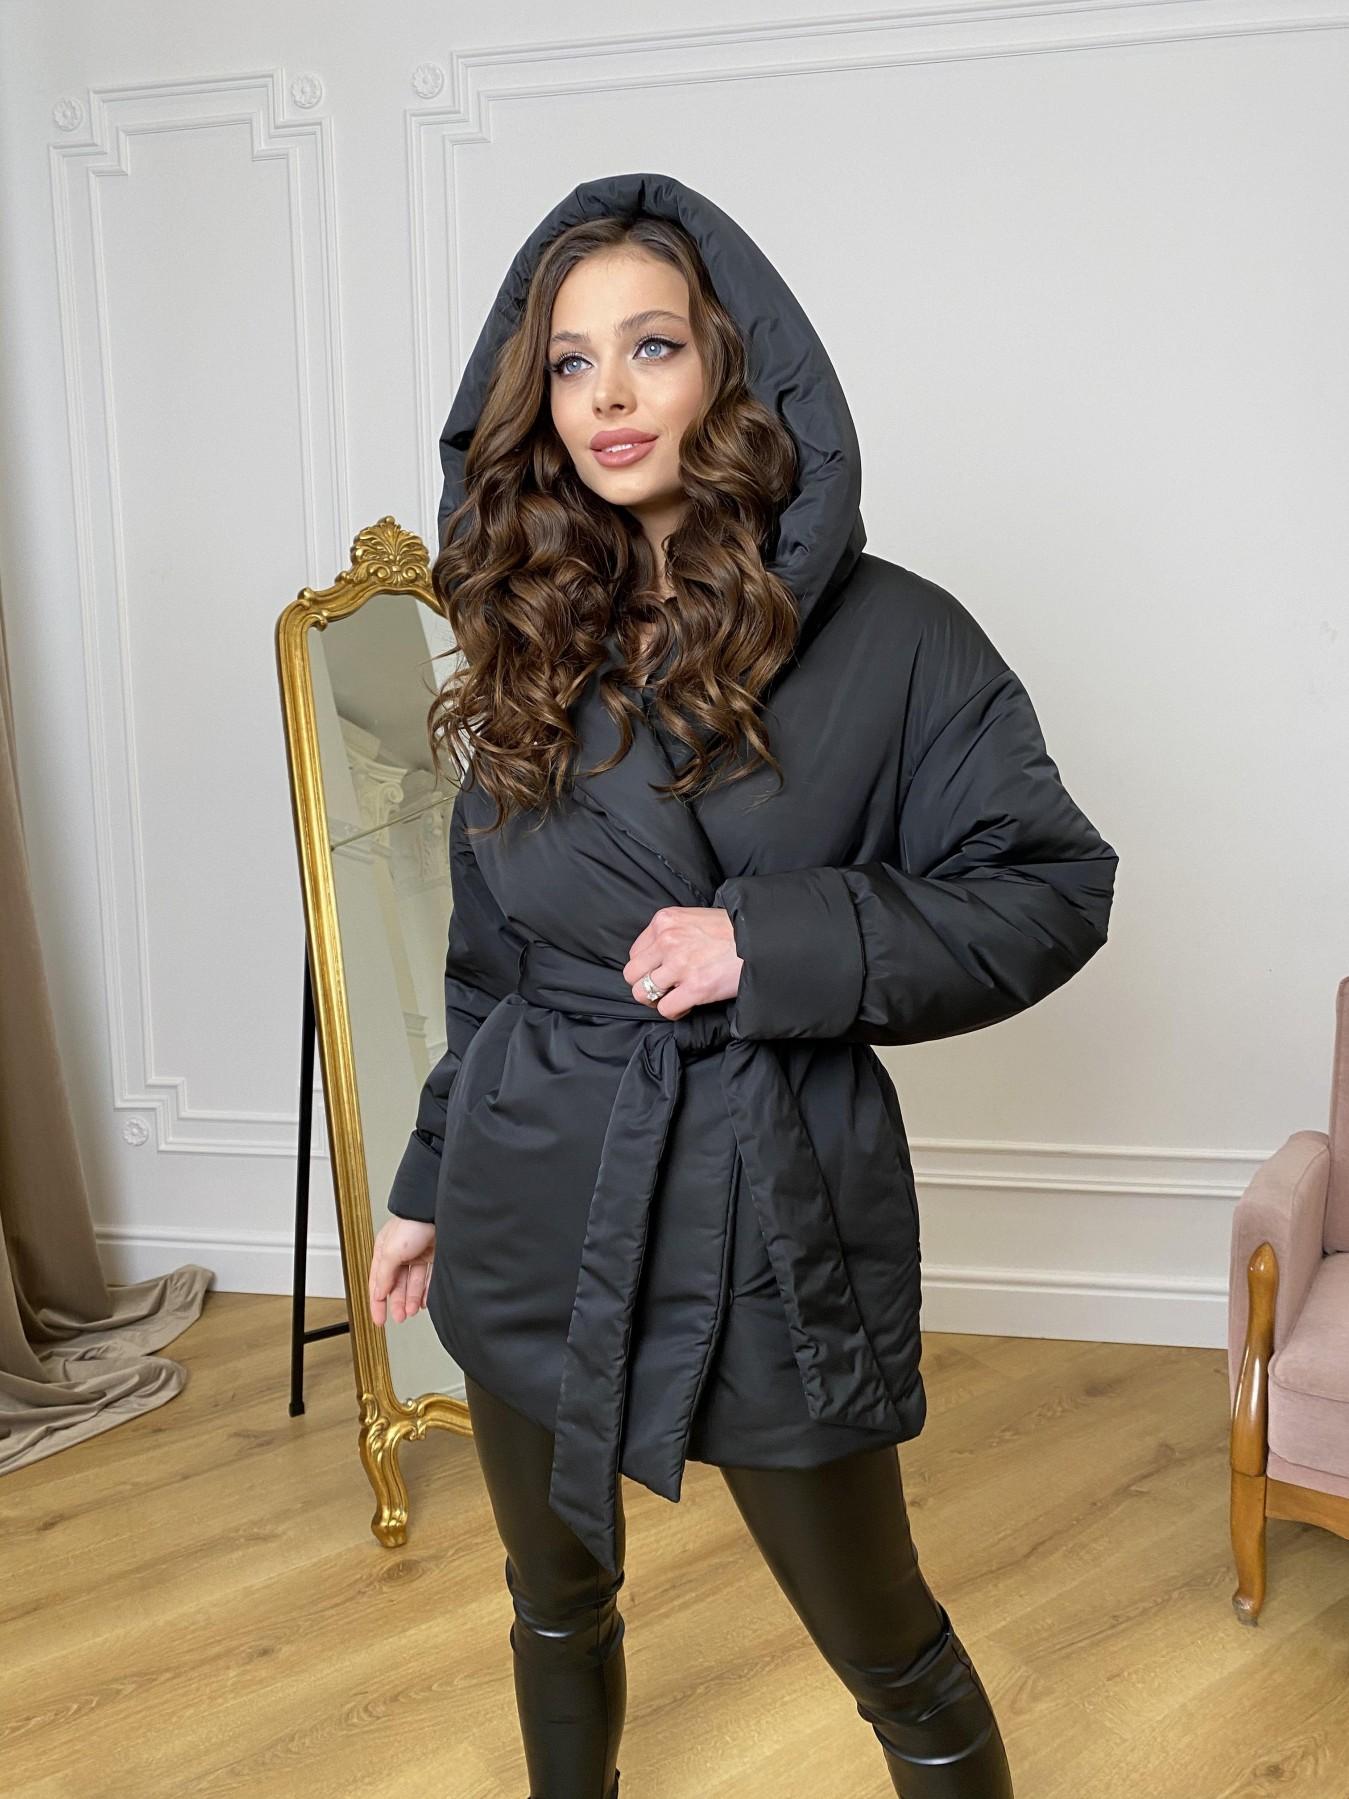 купить куртки женские Нью Йорк  пуховик из плащевой ткани  10529